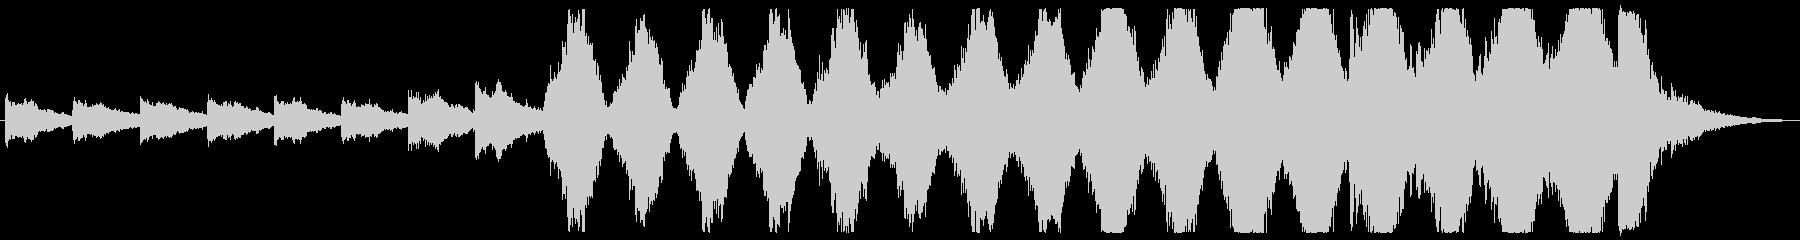 プログレッシブ 交響曲 ゆっくり ...の未再生の波形